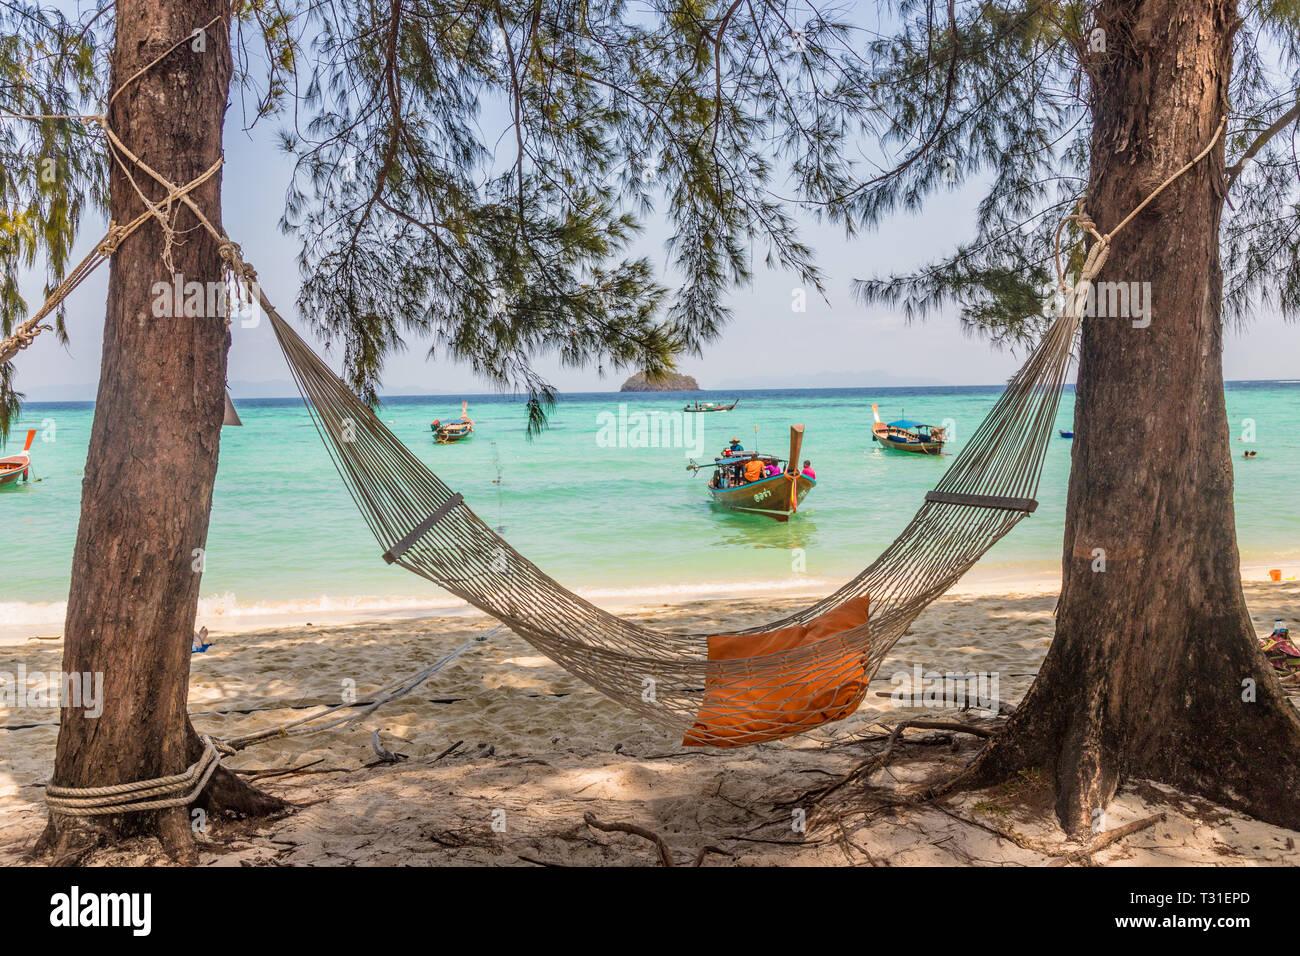 Février 2019. Ko Lipe Thaïlande. Vue d'un hamac sur la plage à Ko Lipe à Ko Tarutao parc national en Thaïlande Banque D'Images